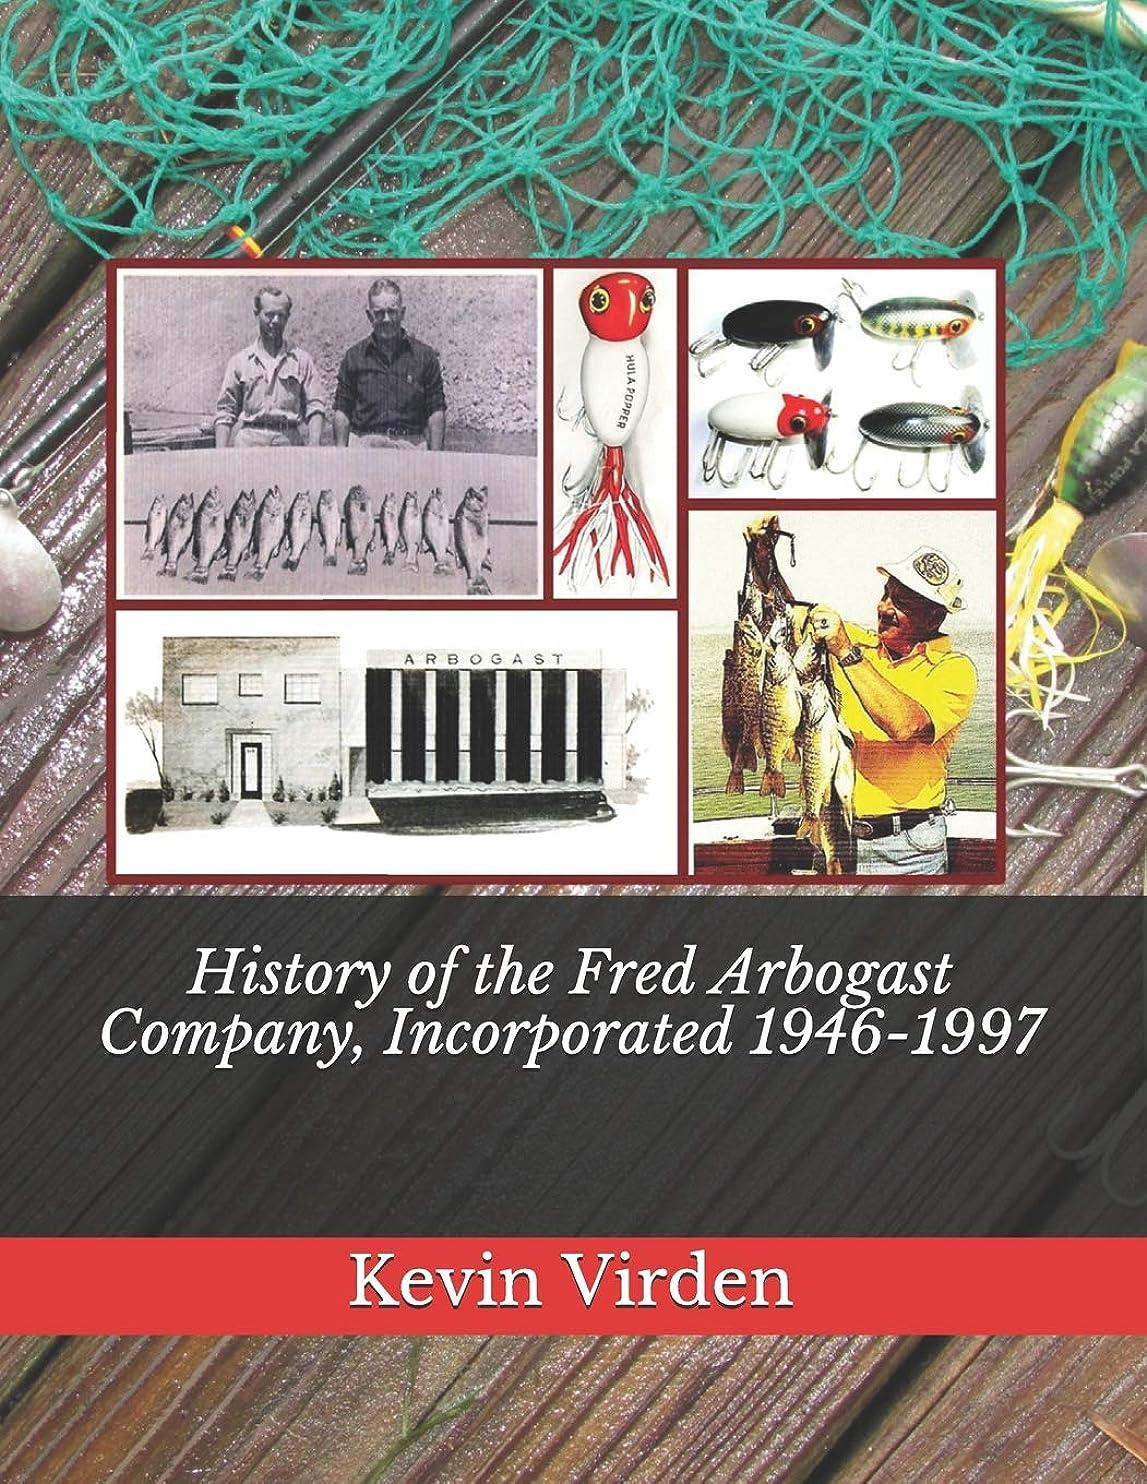 蜜曲技術History of the Fred Arbogast Company, Incorporated 1946-1997